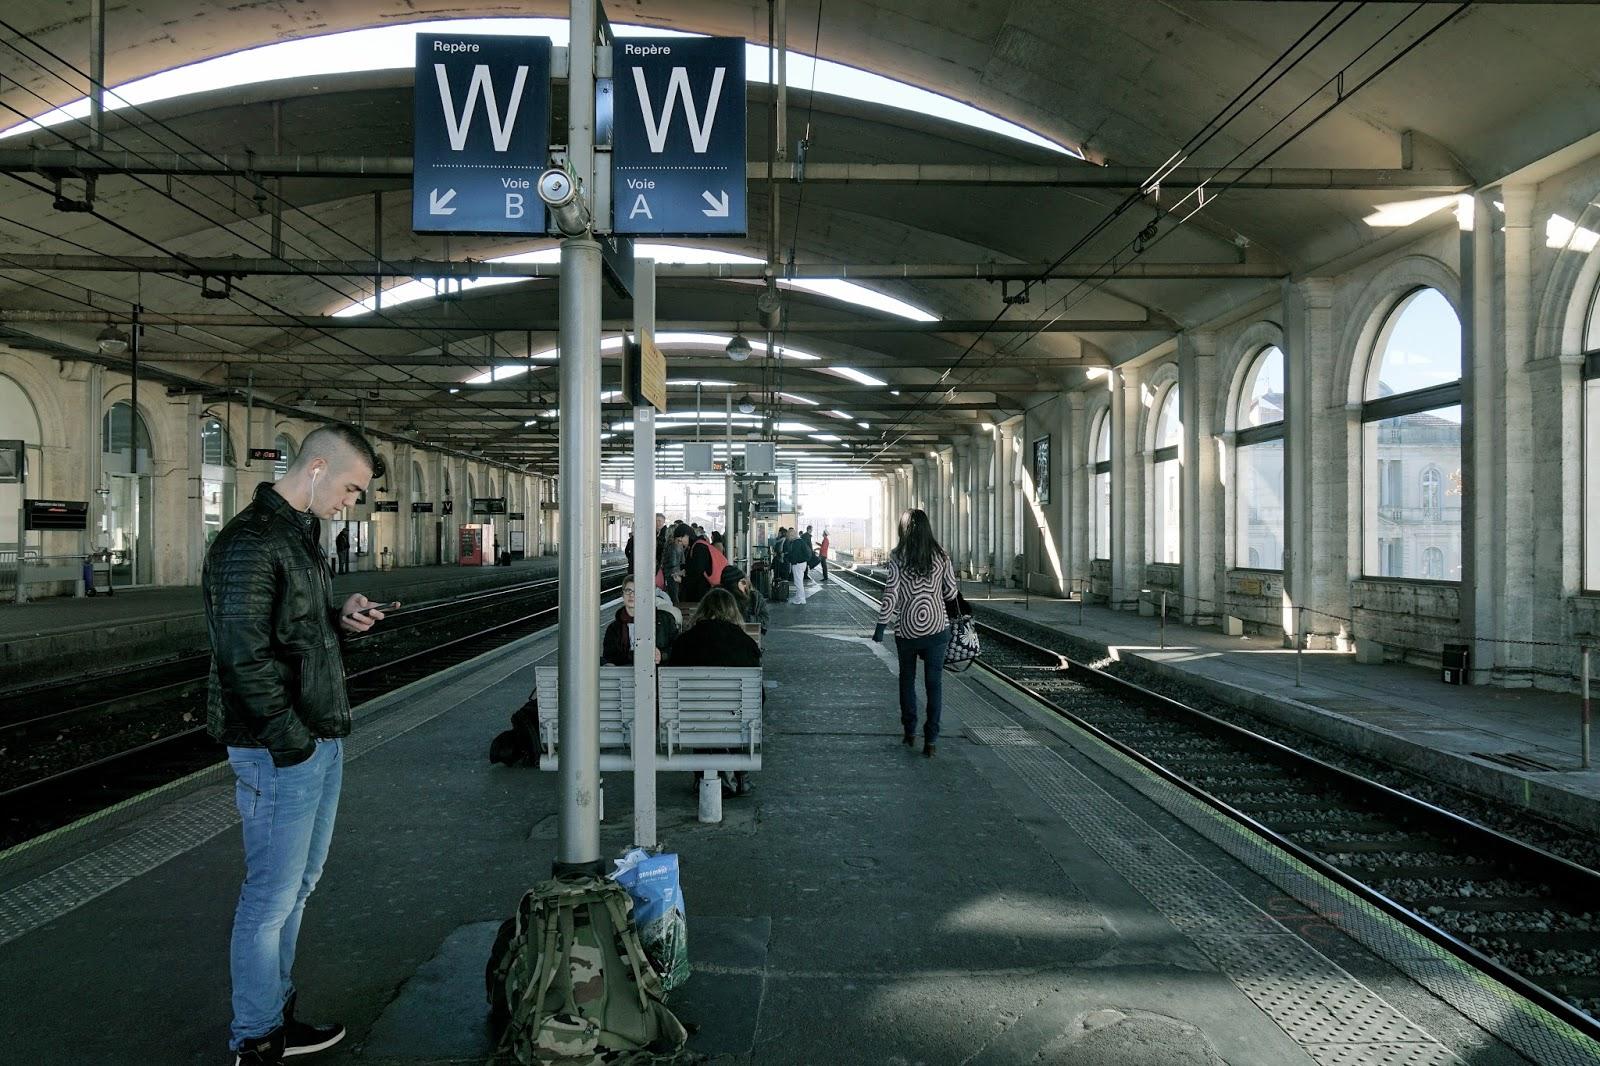 ニーム(フランス)駅